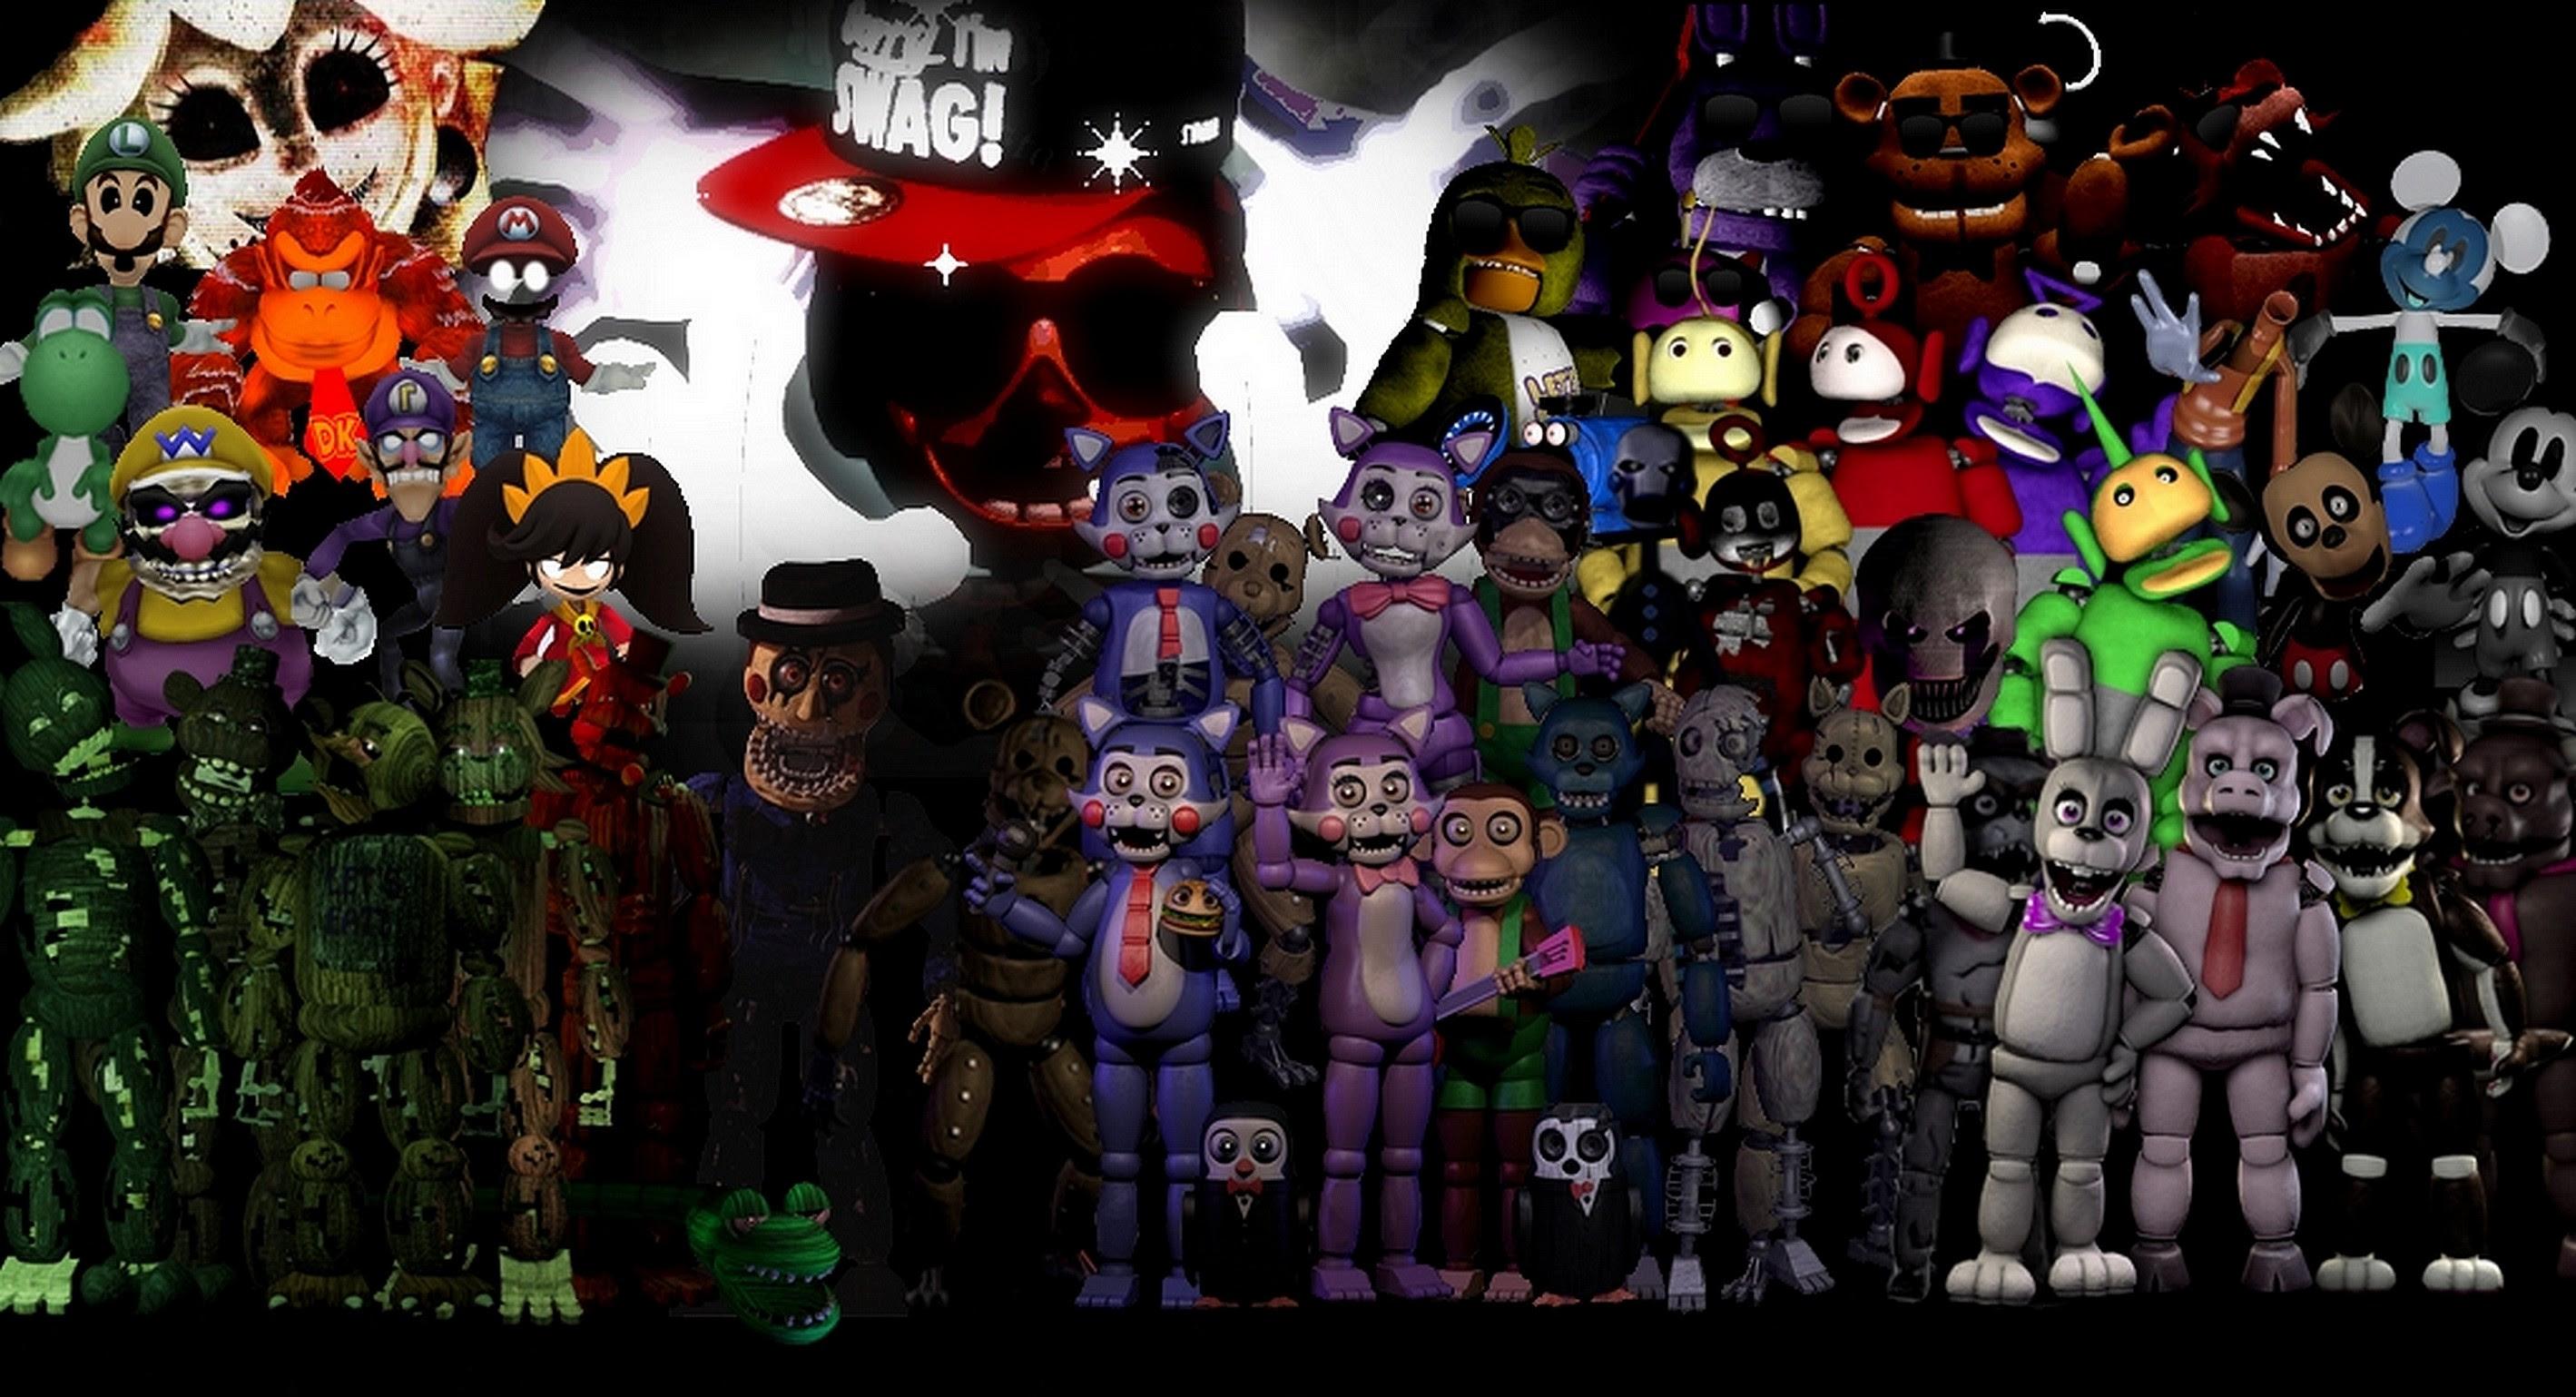 Fnaf Thank You Wallpaper 74 Images - roblox fnaf fan game